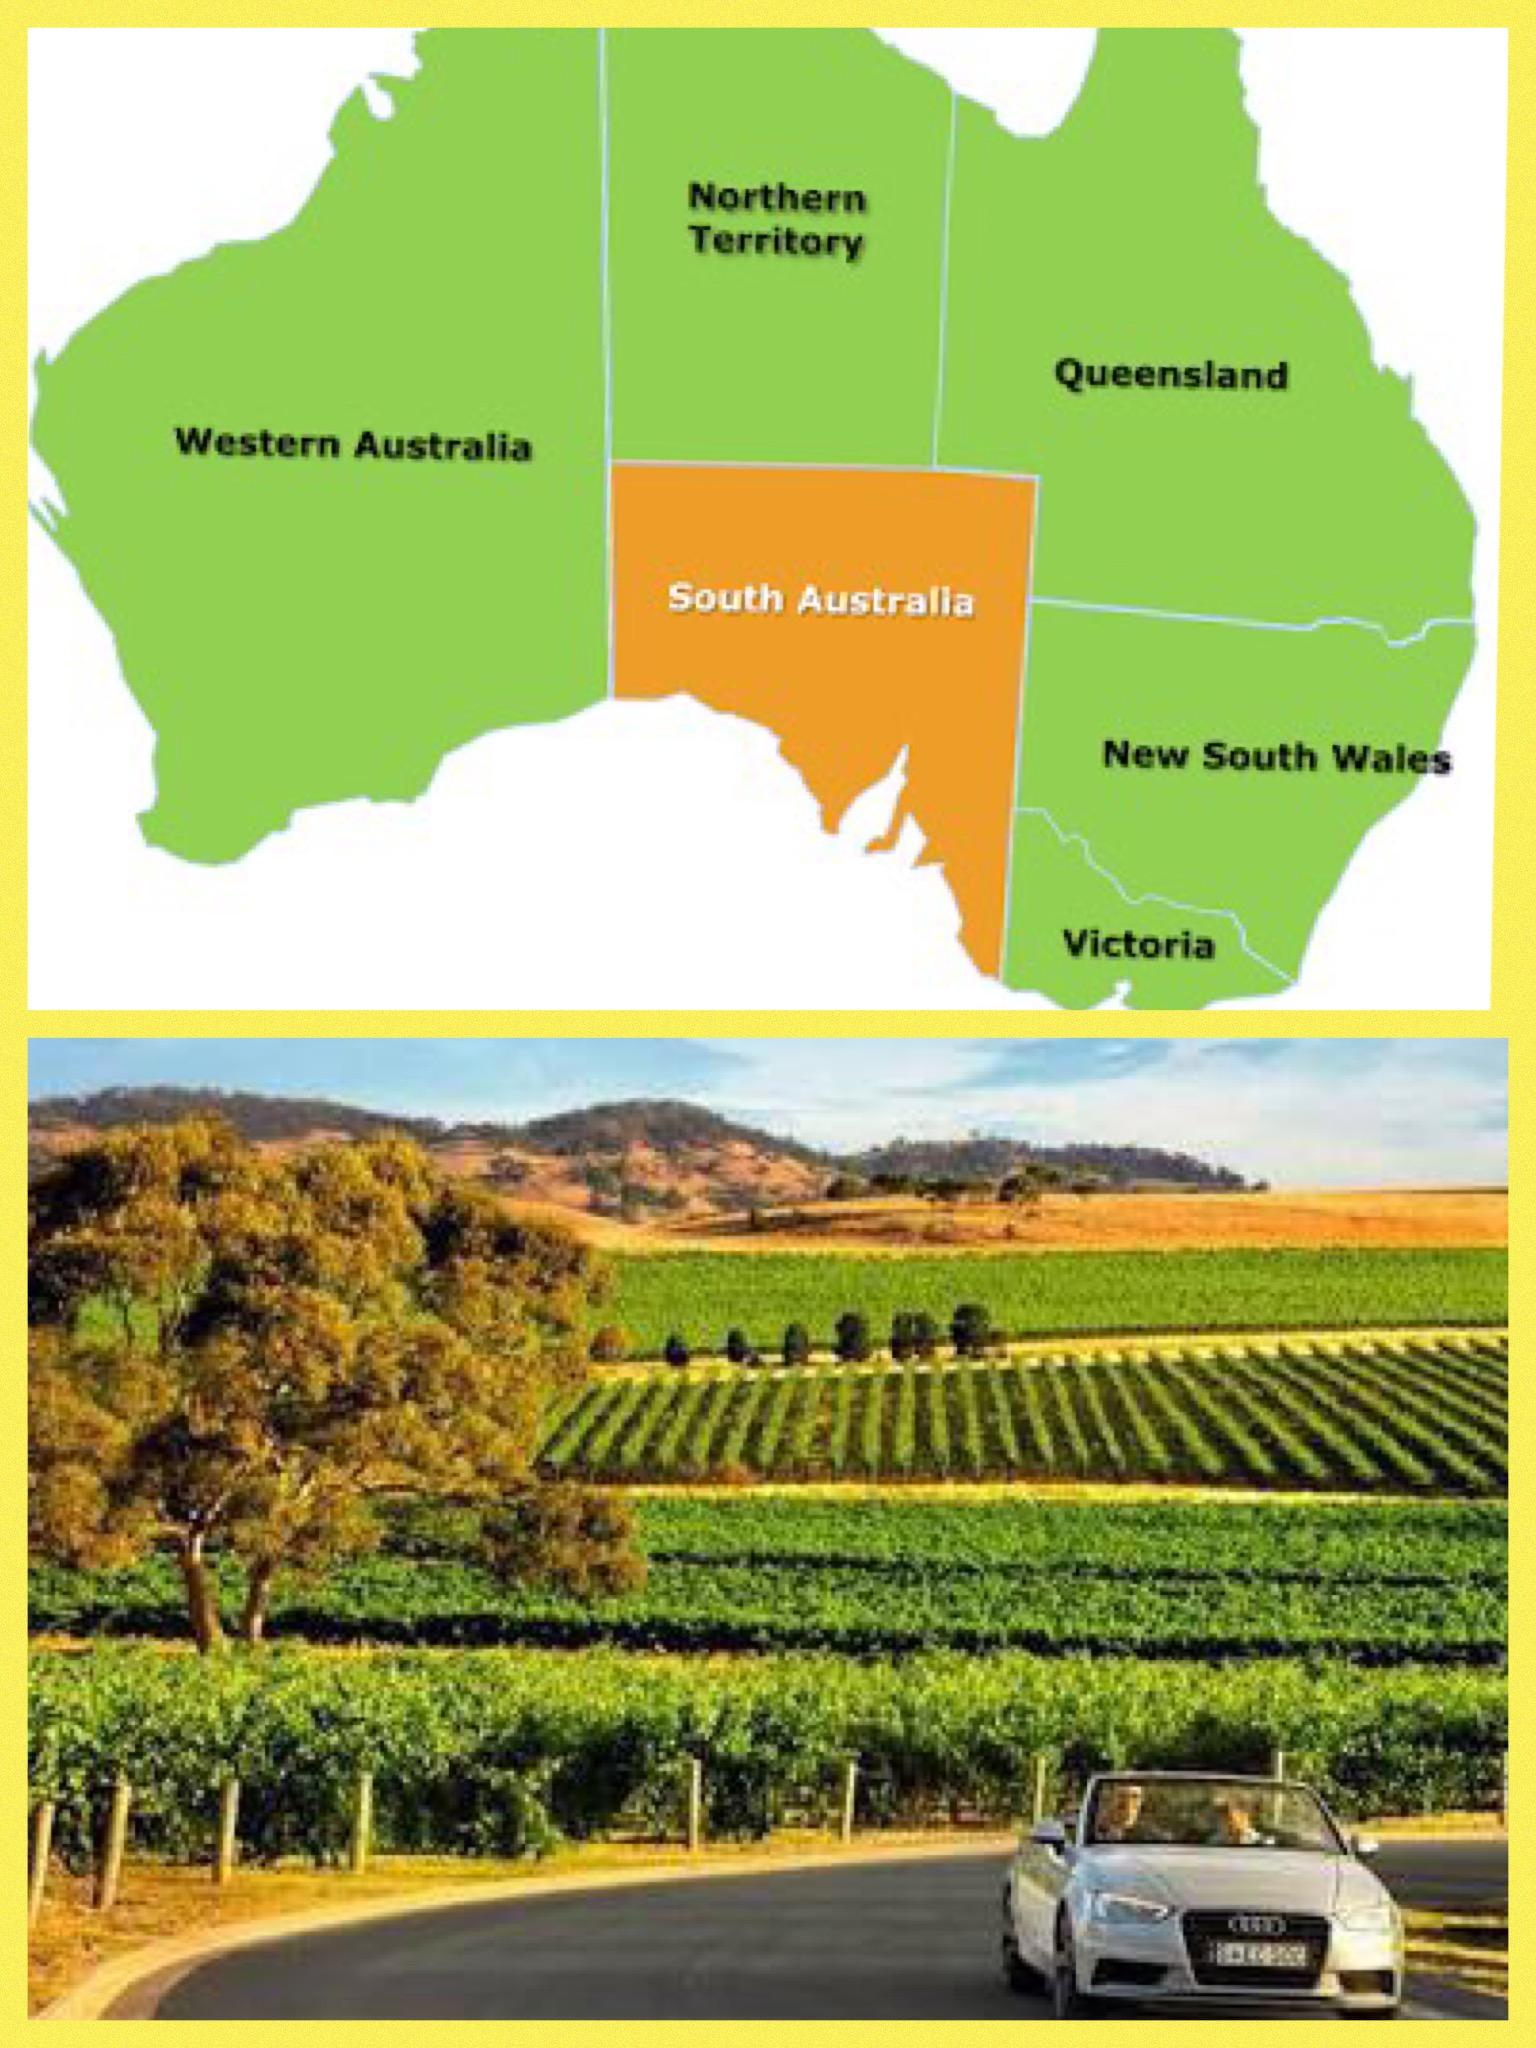 三菱アウトランダーPHEV 南オーストラリア州